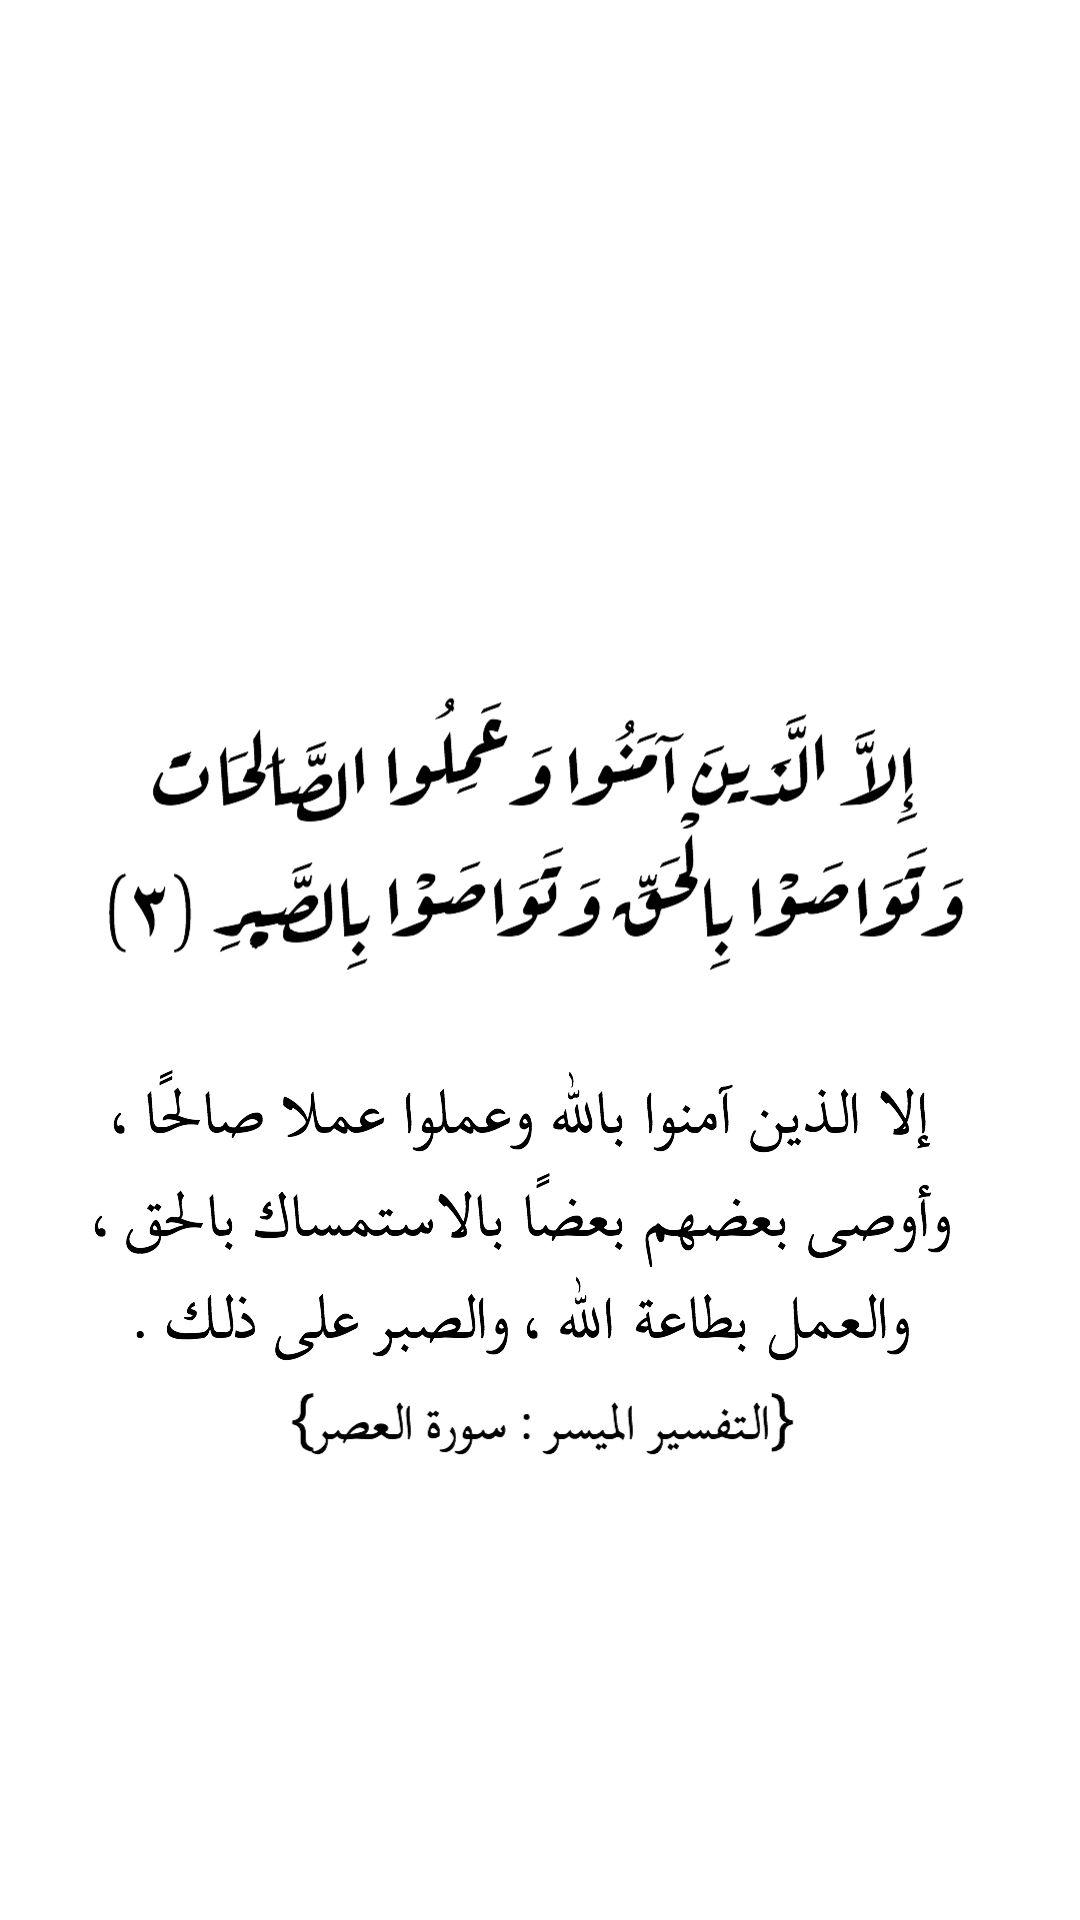 Religion islam muslim quran verse allah alhamdulillah religion islam muslim quran verse allah alhamdulillah quranicquotes altavistaventures Image collections